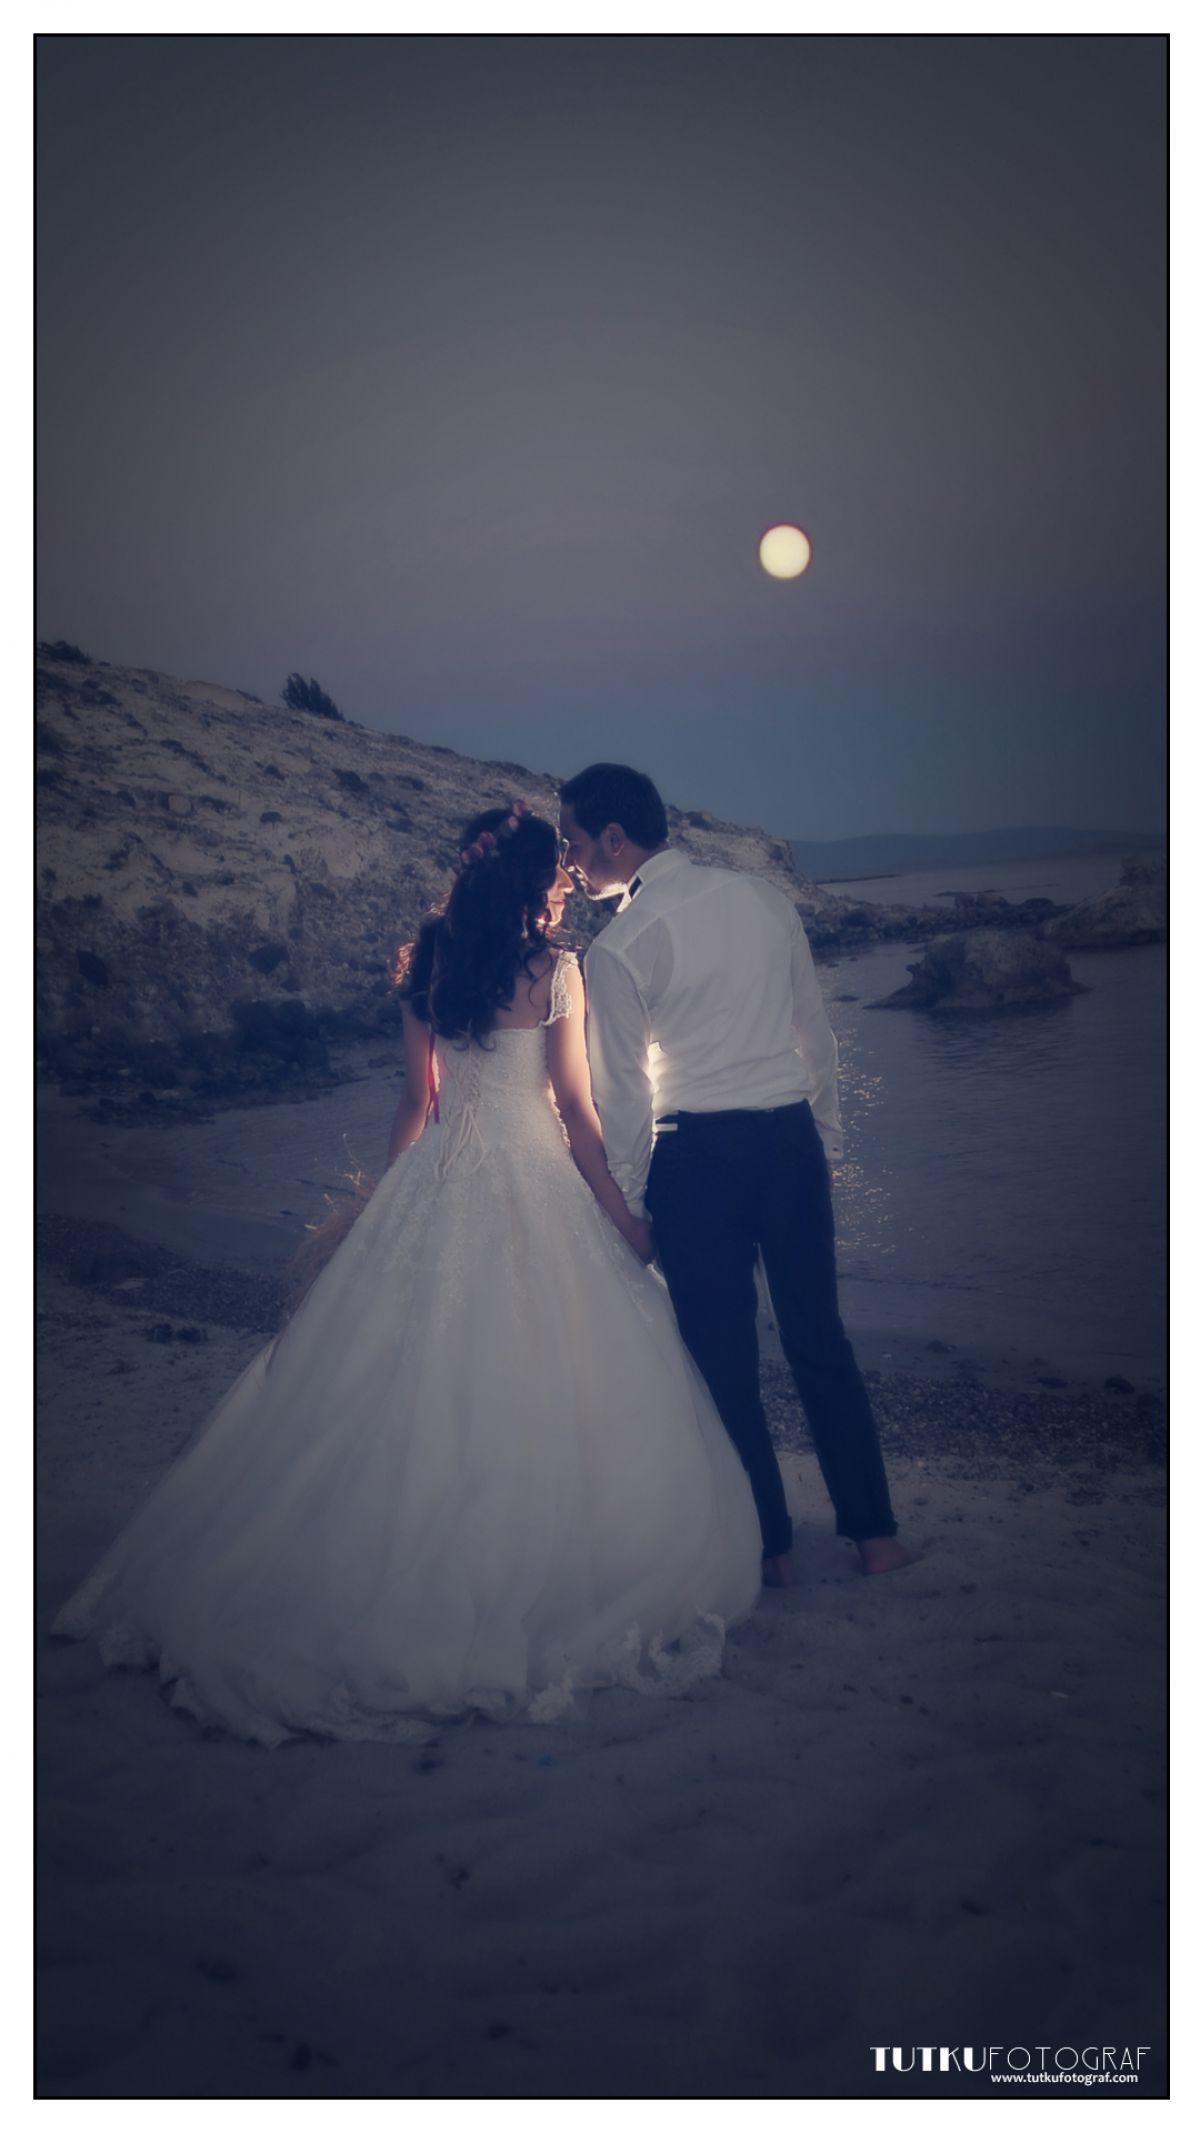 Alaçatı Düğün Albümü Çekimi-Alacati-Dugun-Fotografi-Dis-Mekan-Fotograf-Albumu-Cekimi-9